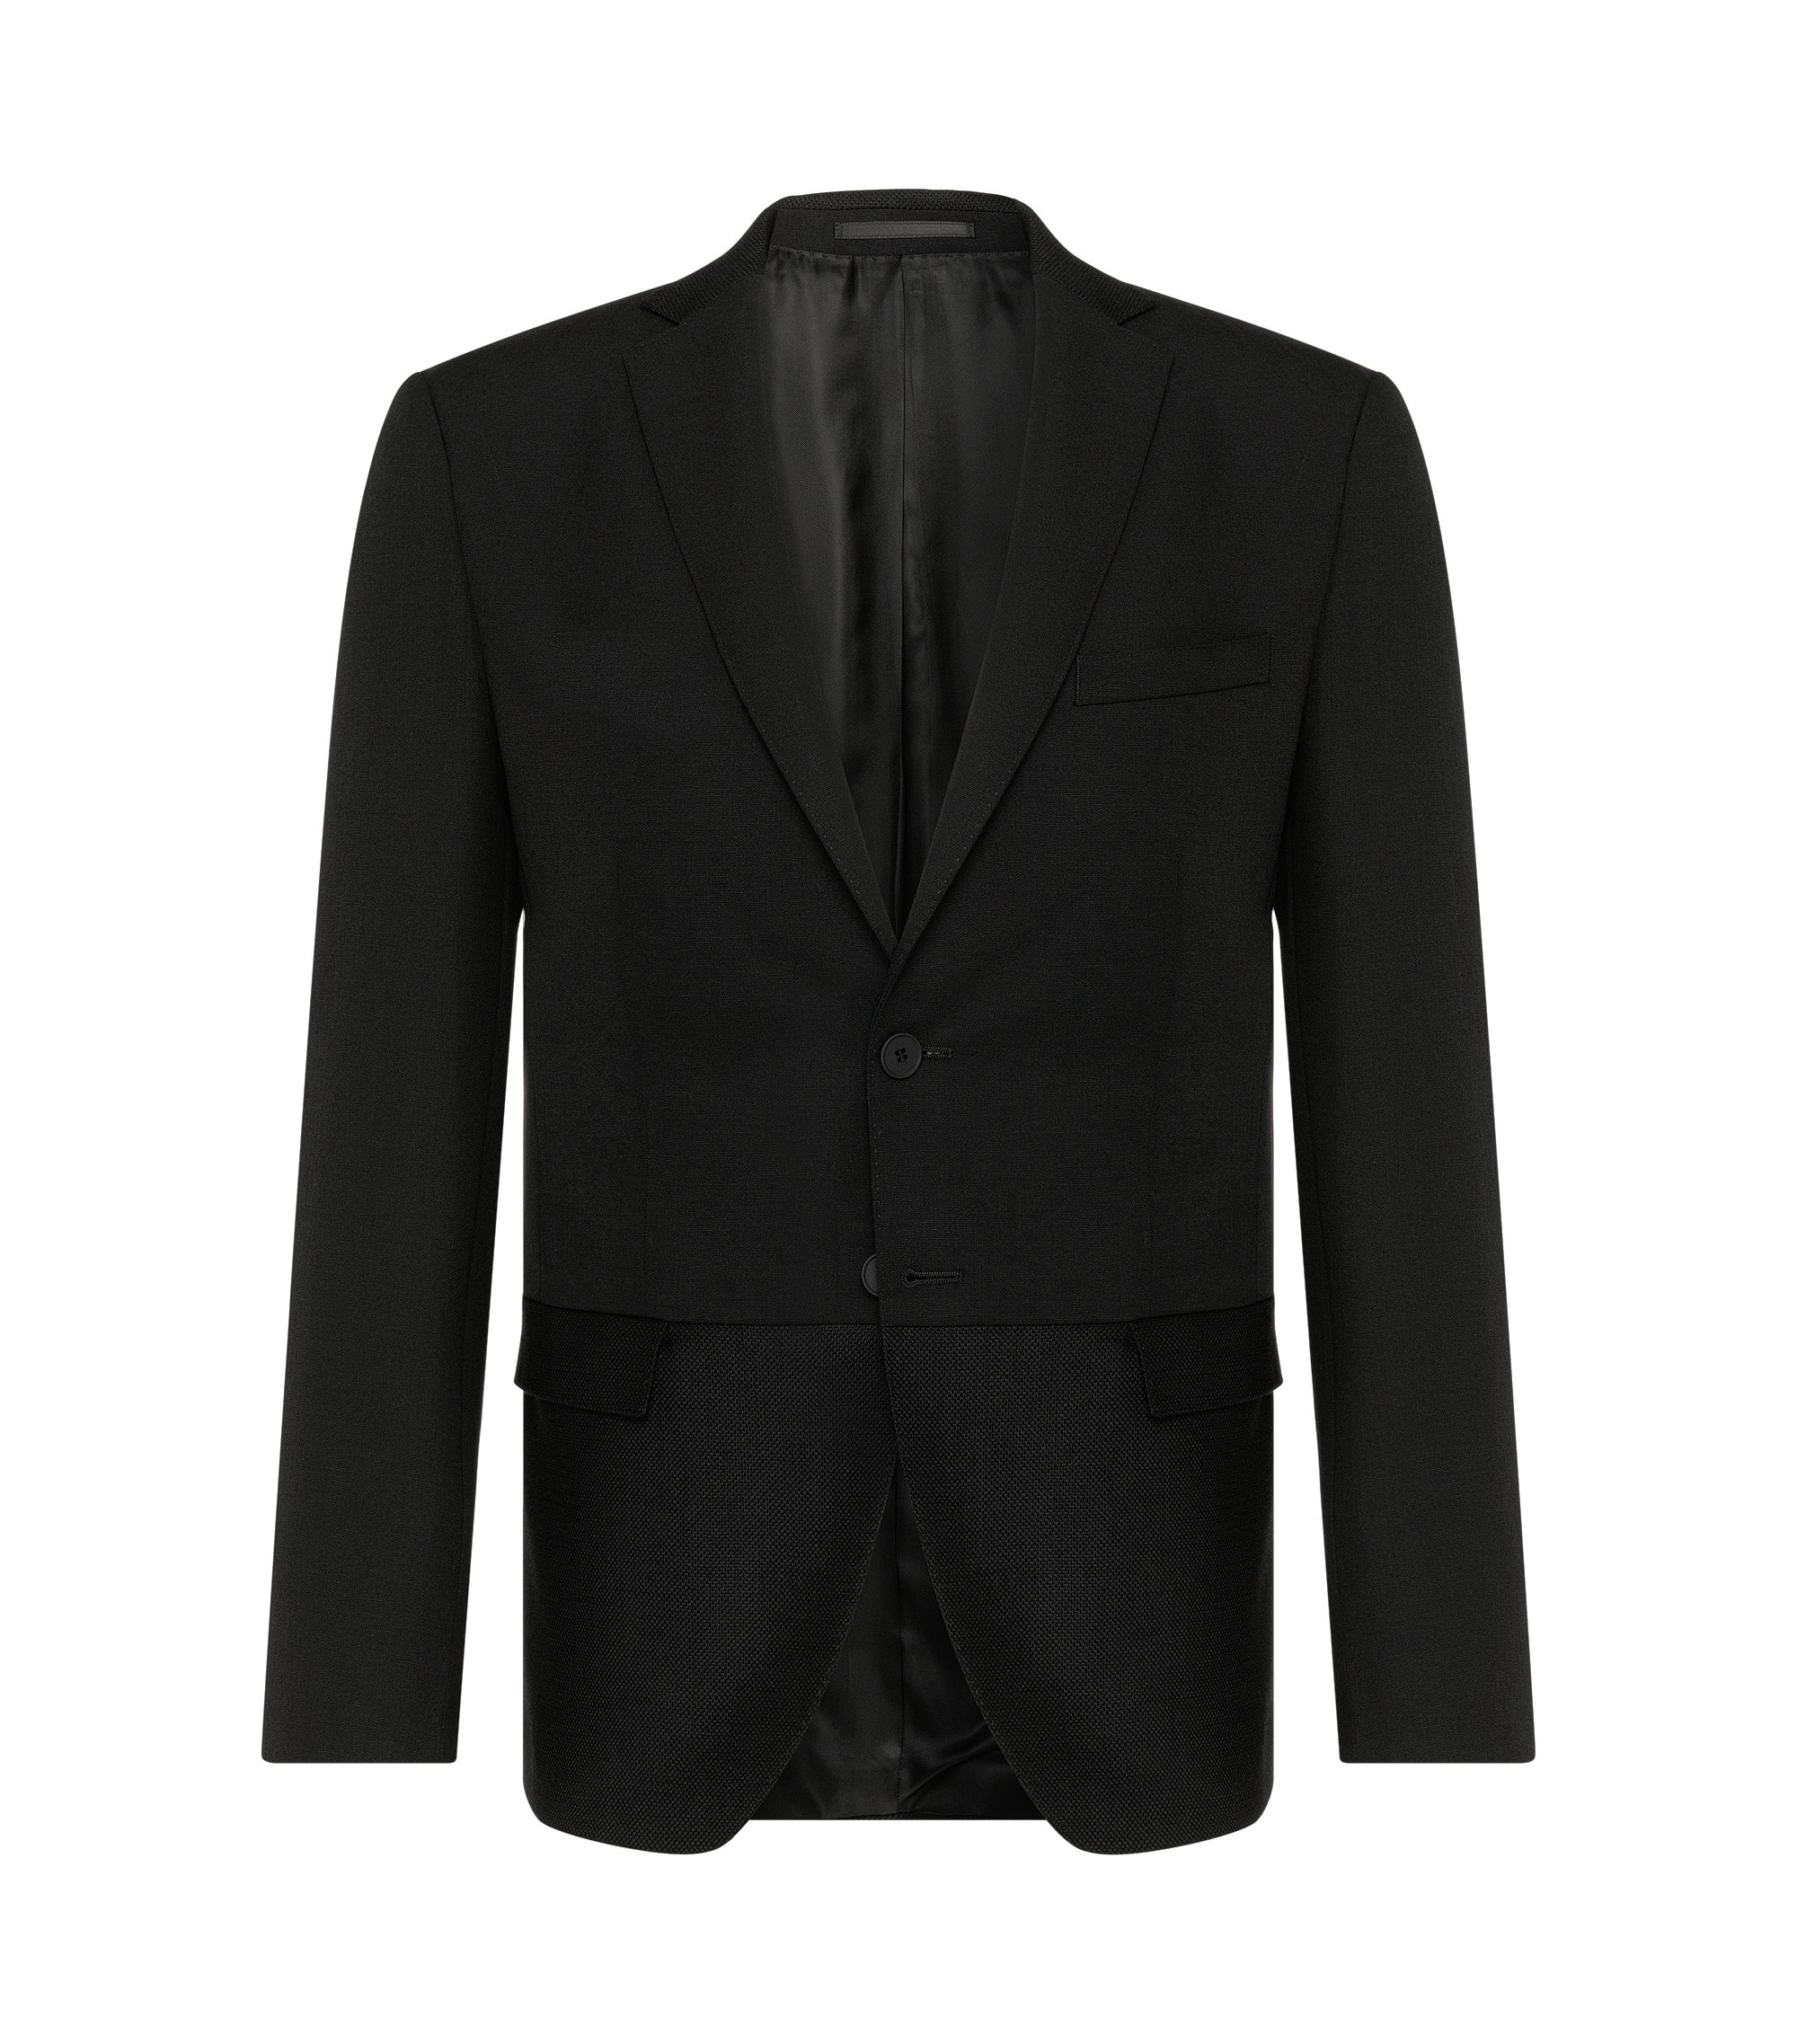 Virgin Wool Mohair Sport Coat, Extra Slim Fit | Reevon, Black